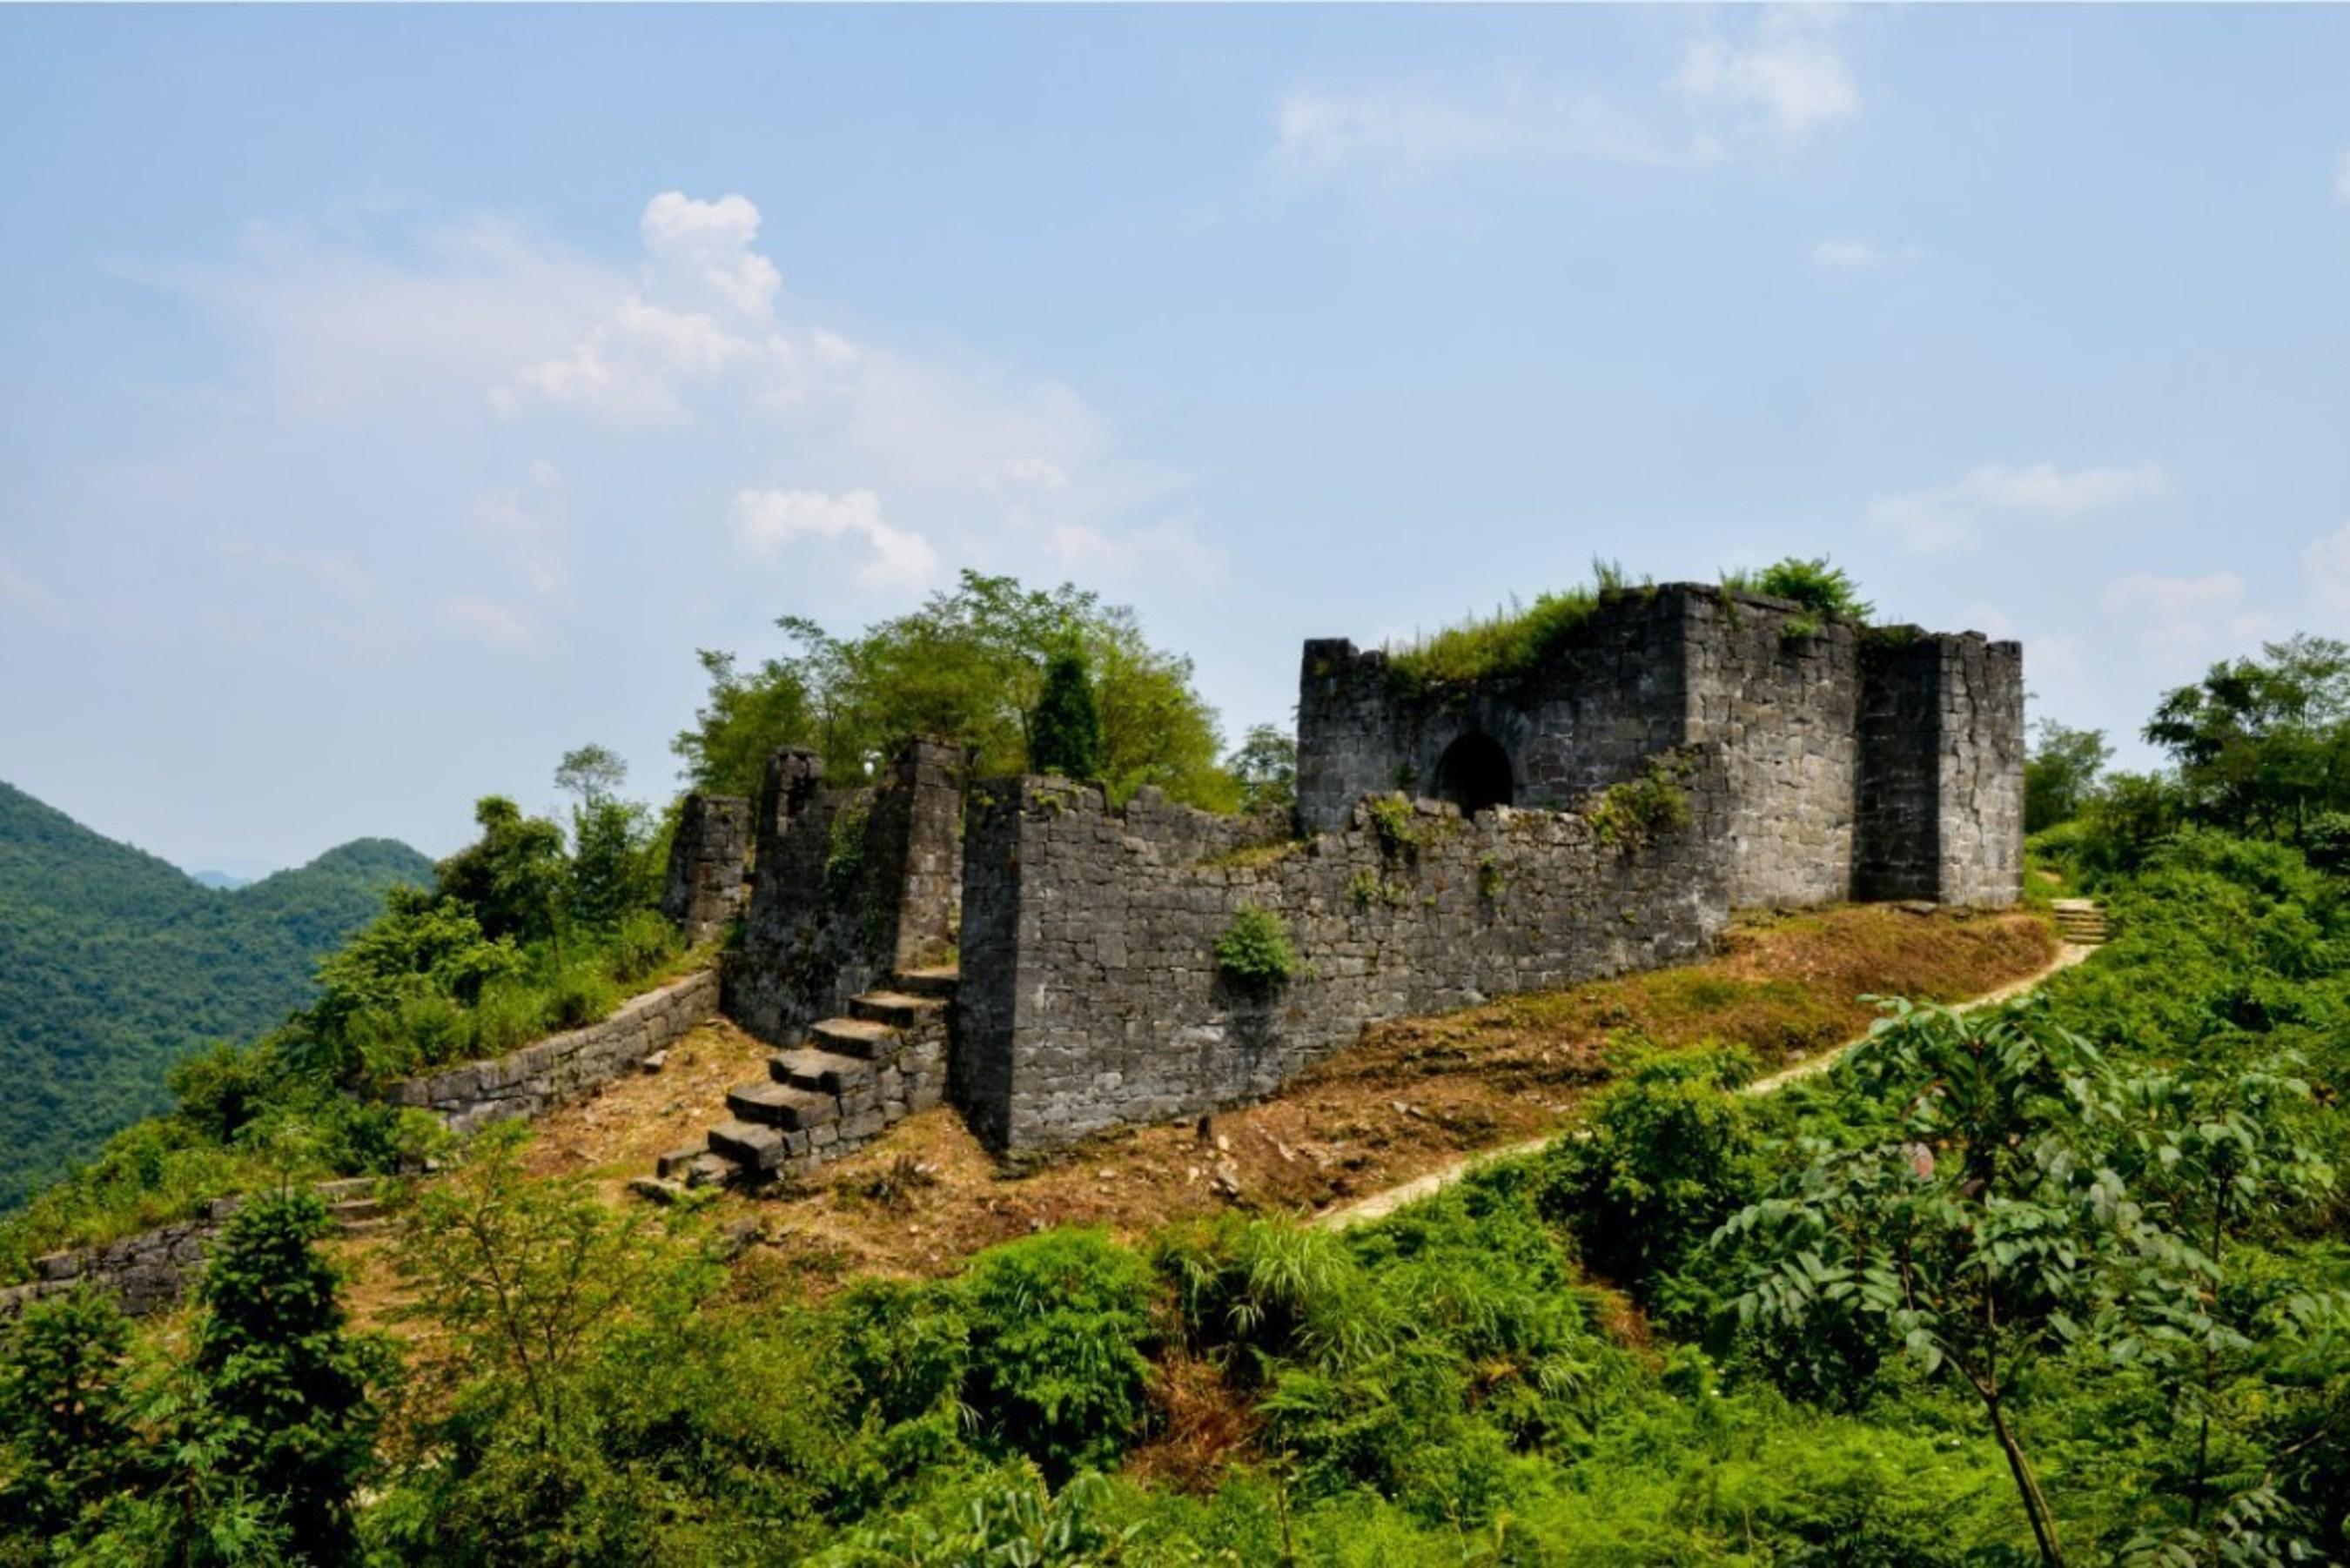 La forteresse de Hailongtun en passe de devenir l'une des meilleures destinations touristiques de